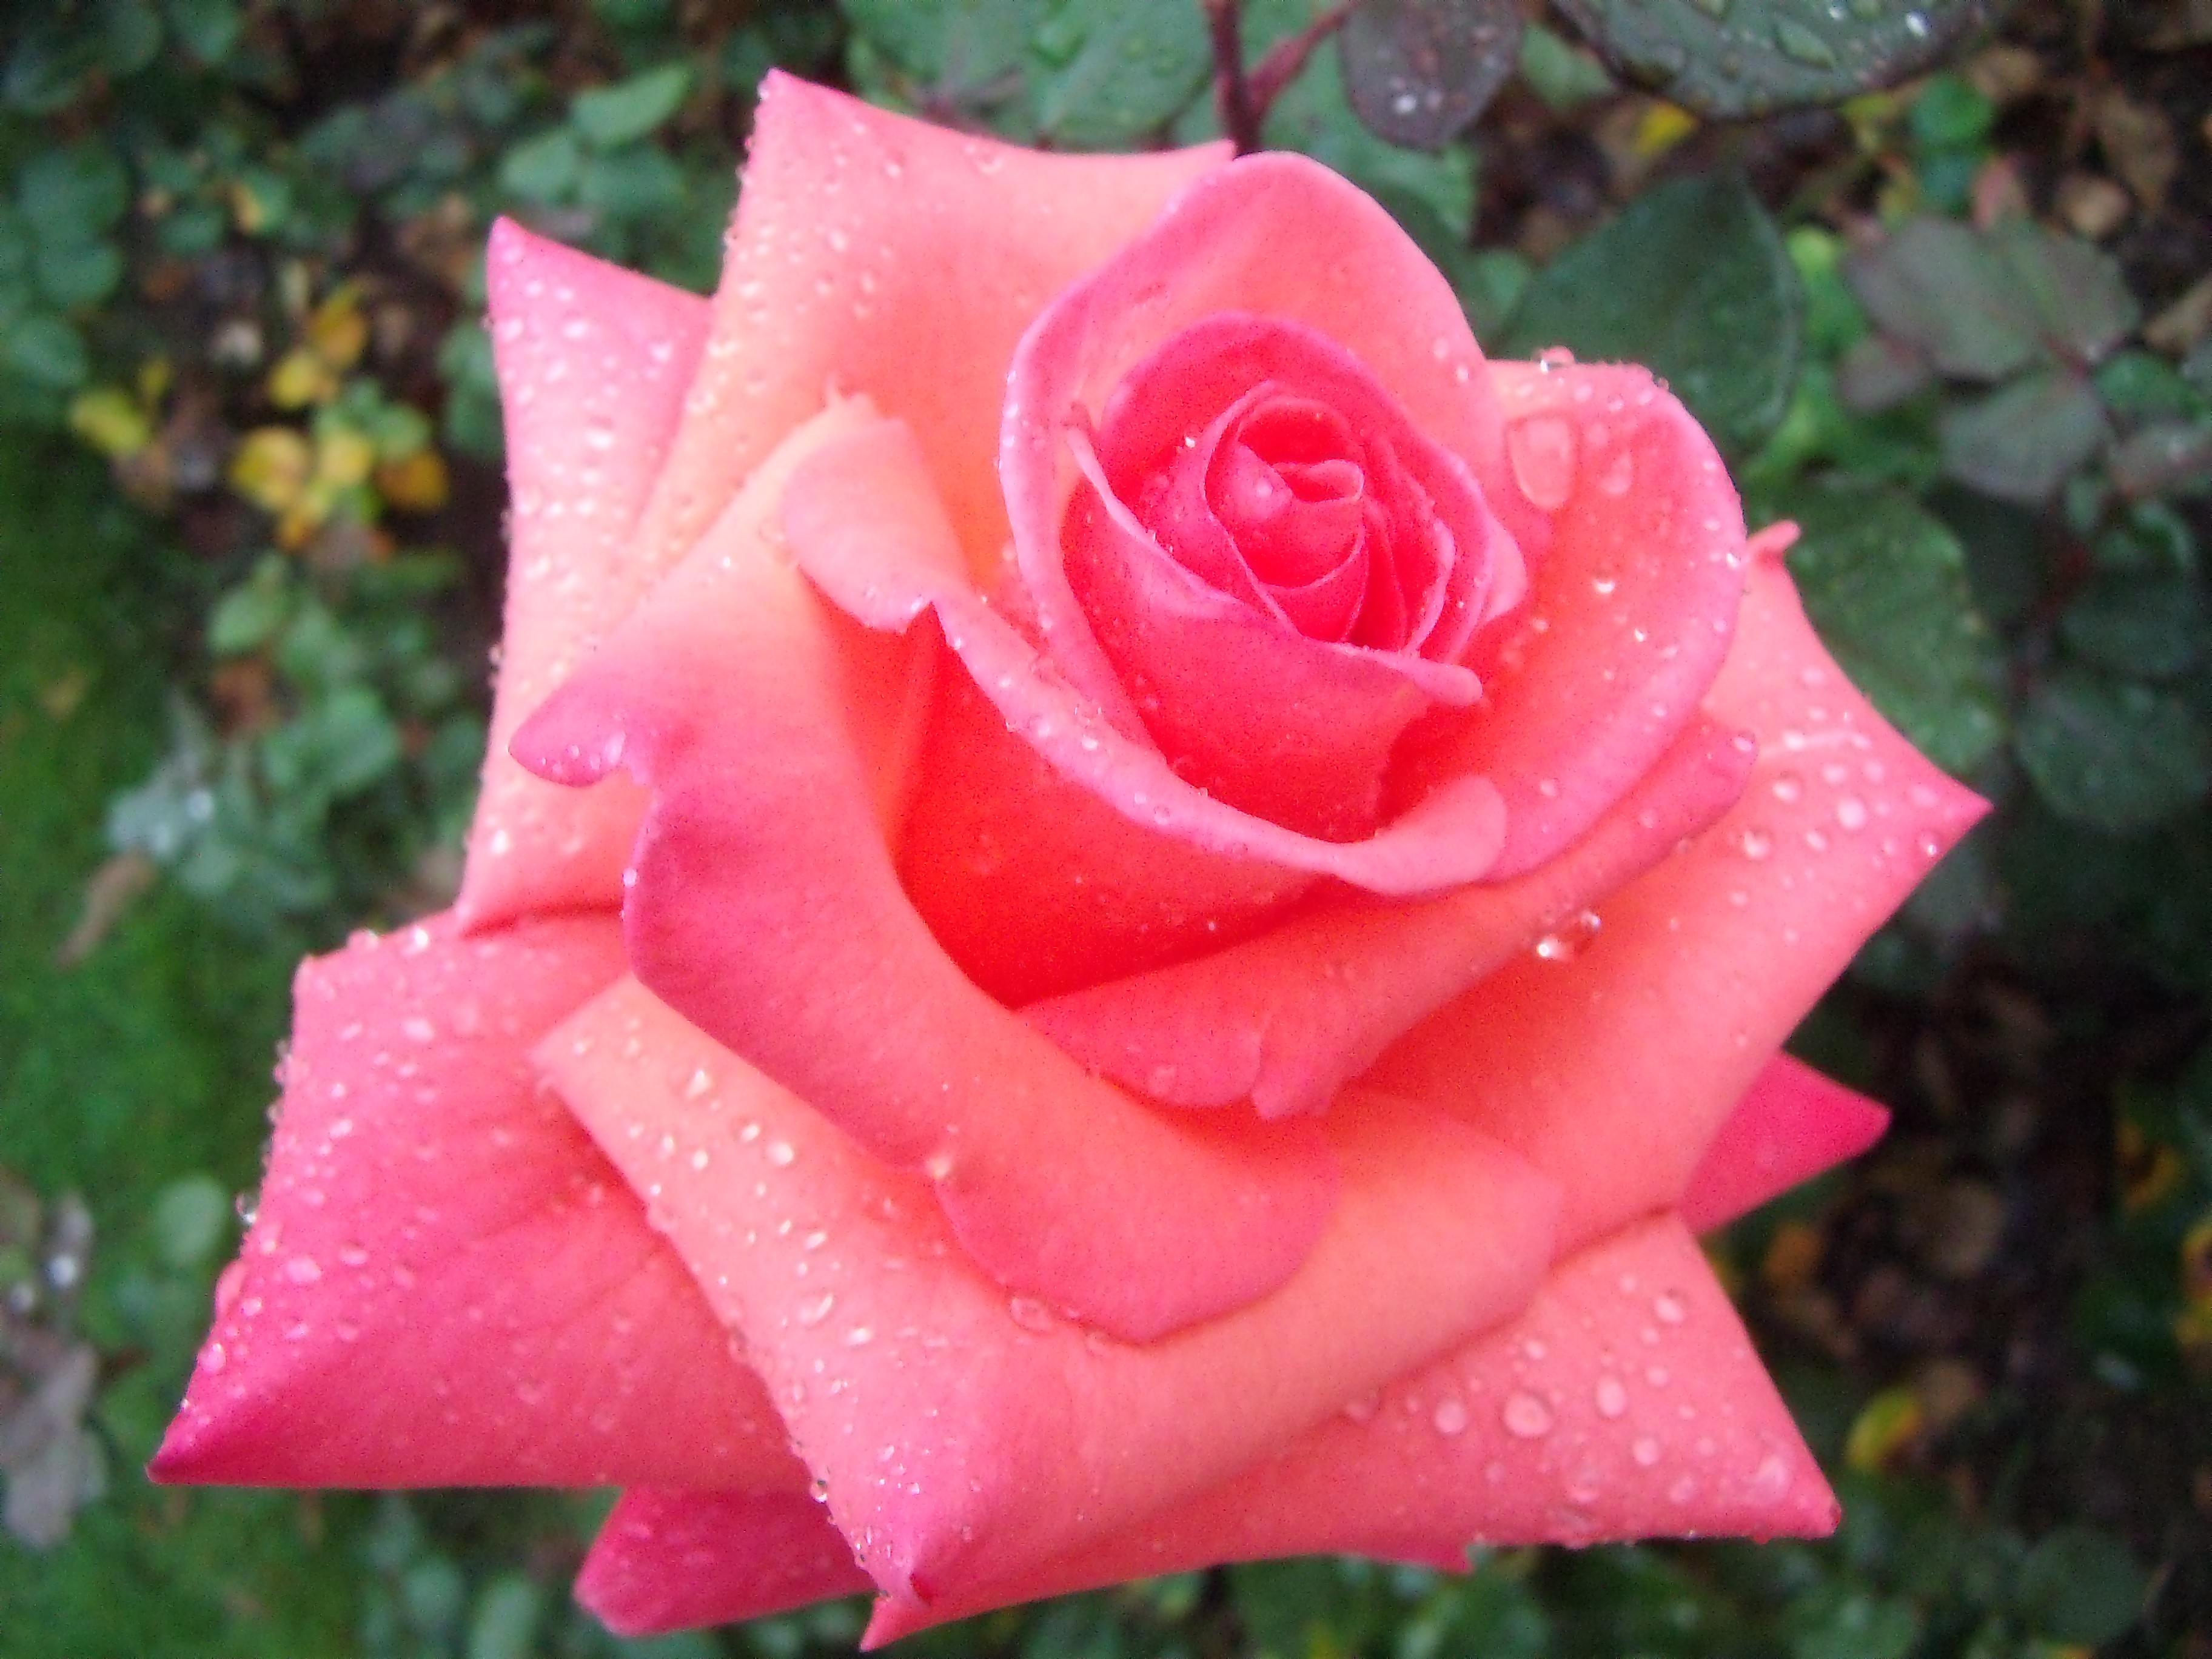 Jolies roses photos gratuites t l charger webmultiple for Site de fleurs